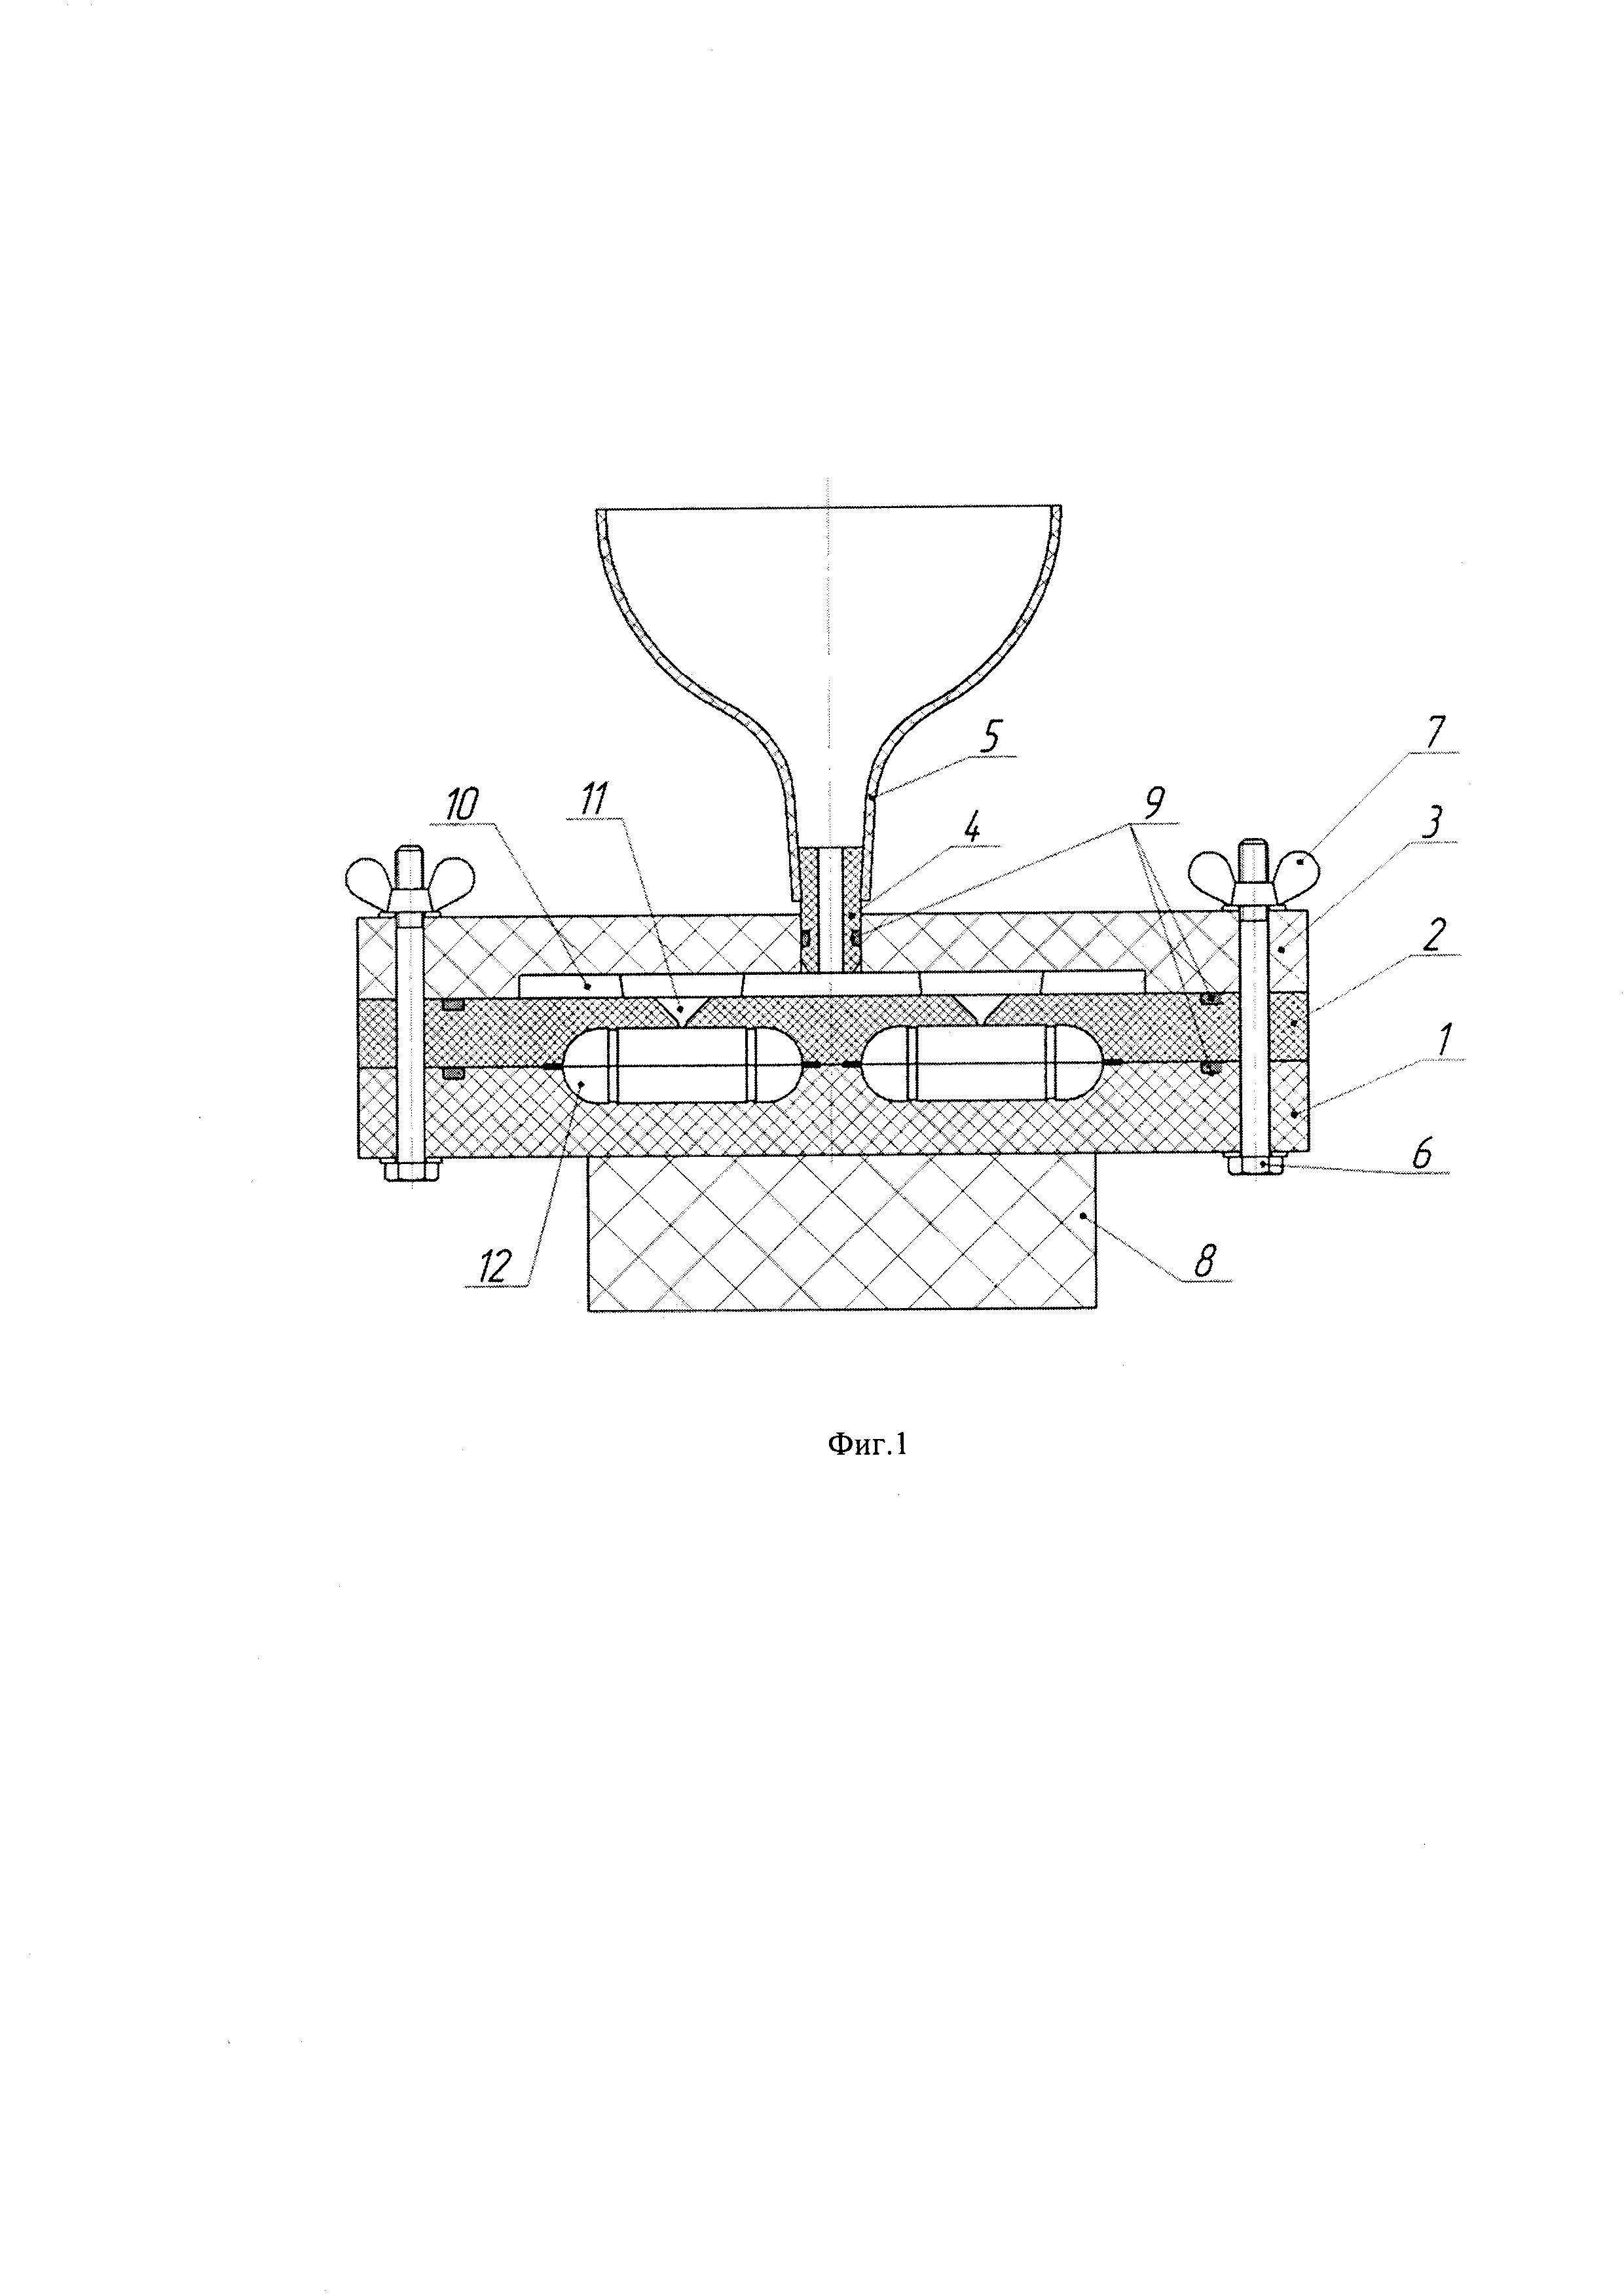 Способ герметизации гидроакустических приемников для гибких протяженных буксируемых антенн